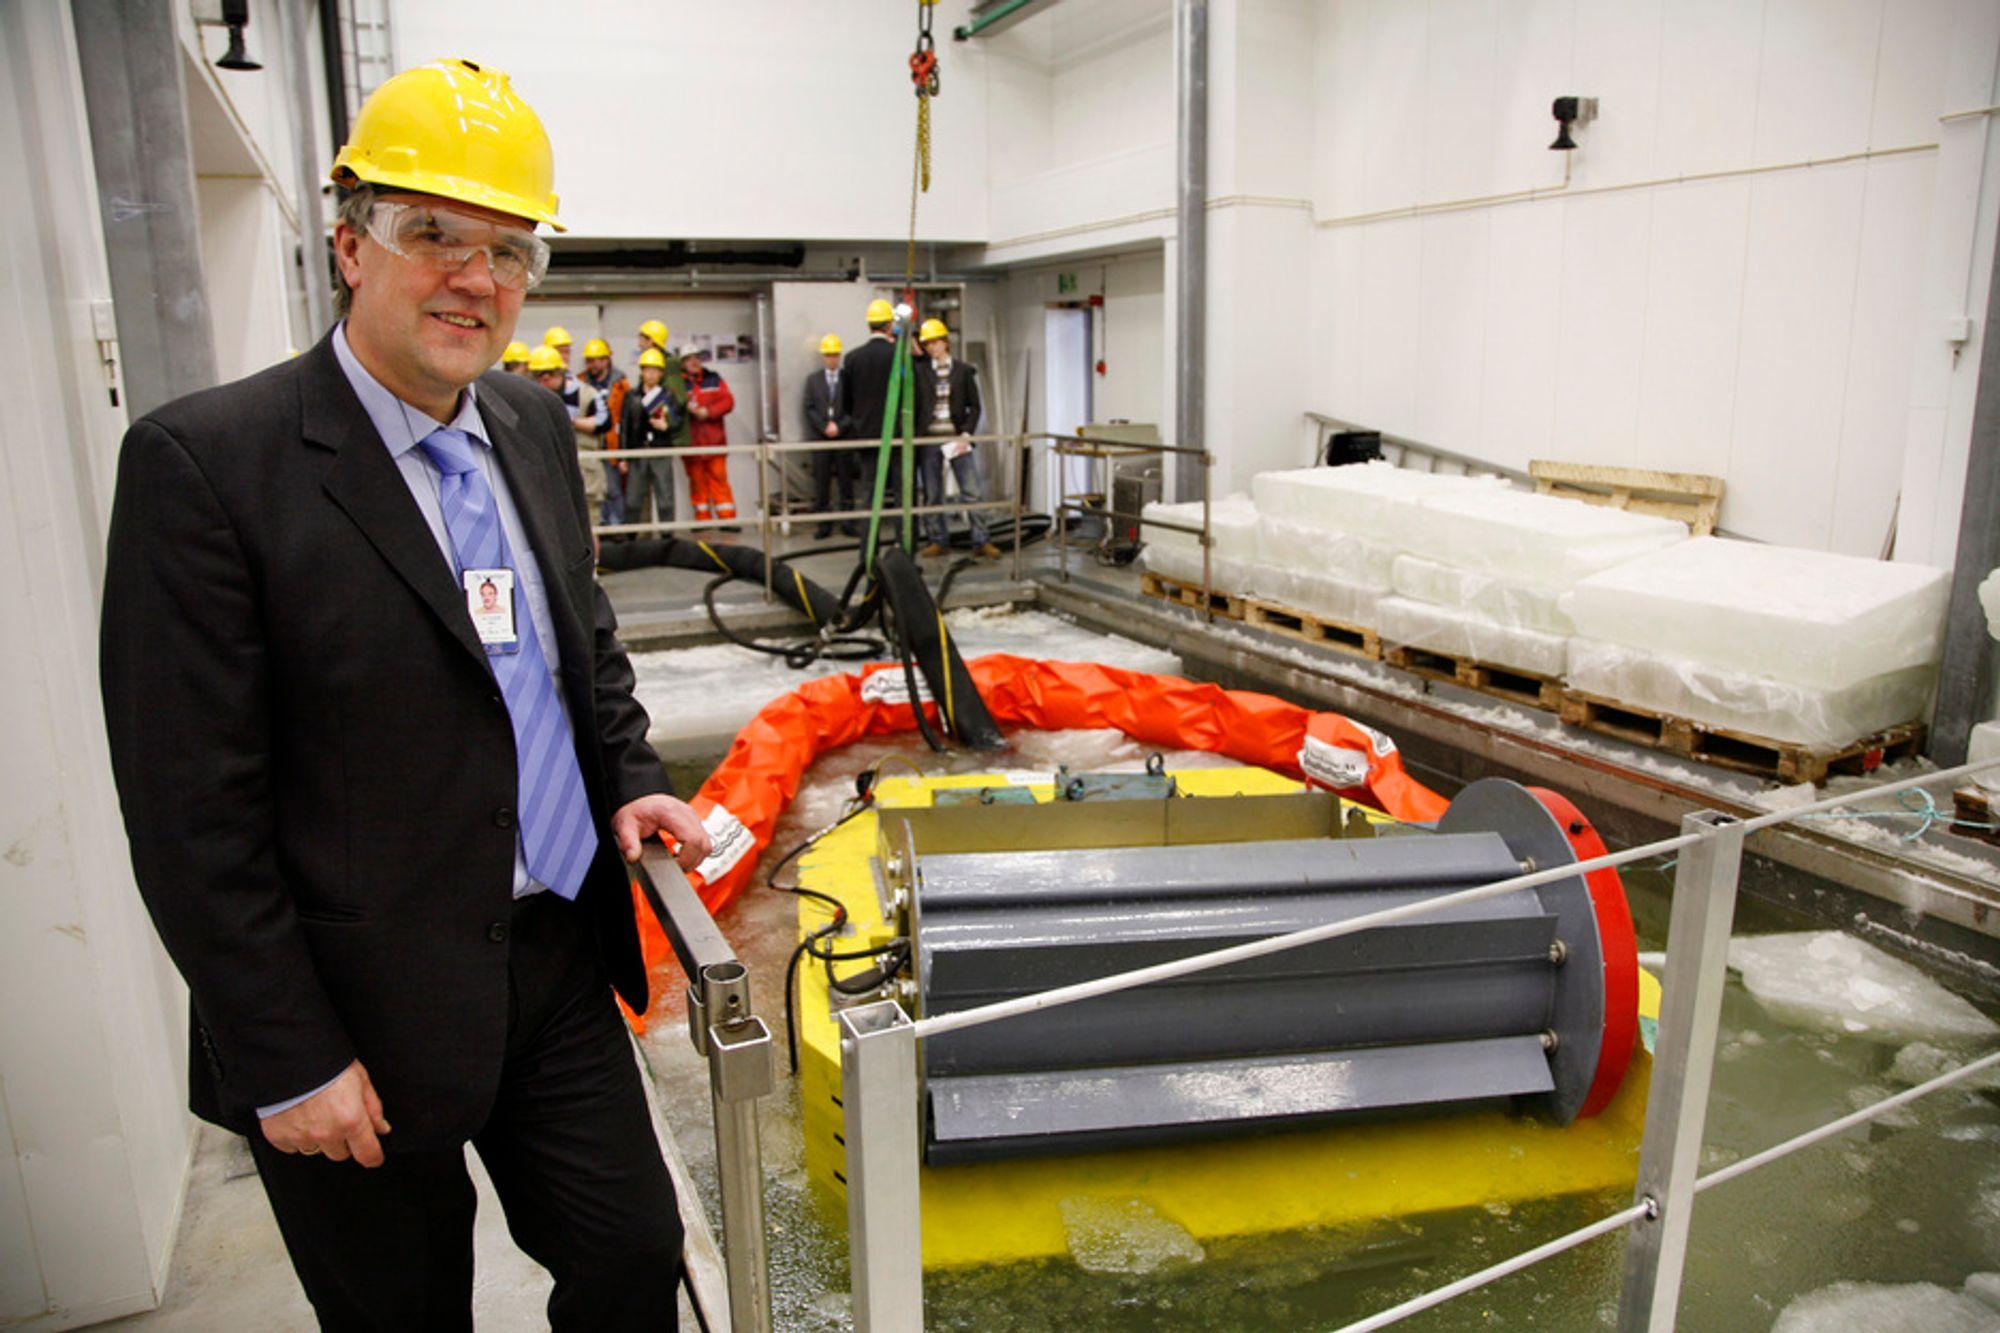 TESTER UTSLIPPSSCENARIO: Seniorforsker Ivar Singsaas overværer testingen av en slimmer (oljeoppsamler) som er spesialutviklet for arktiske strøk.